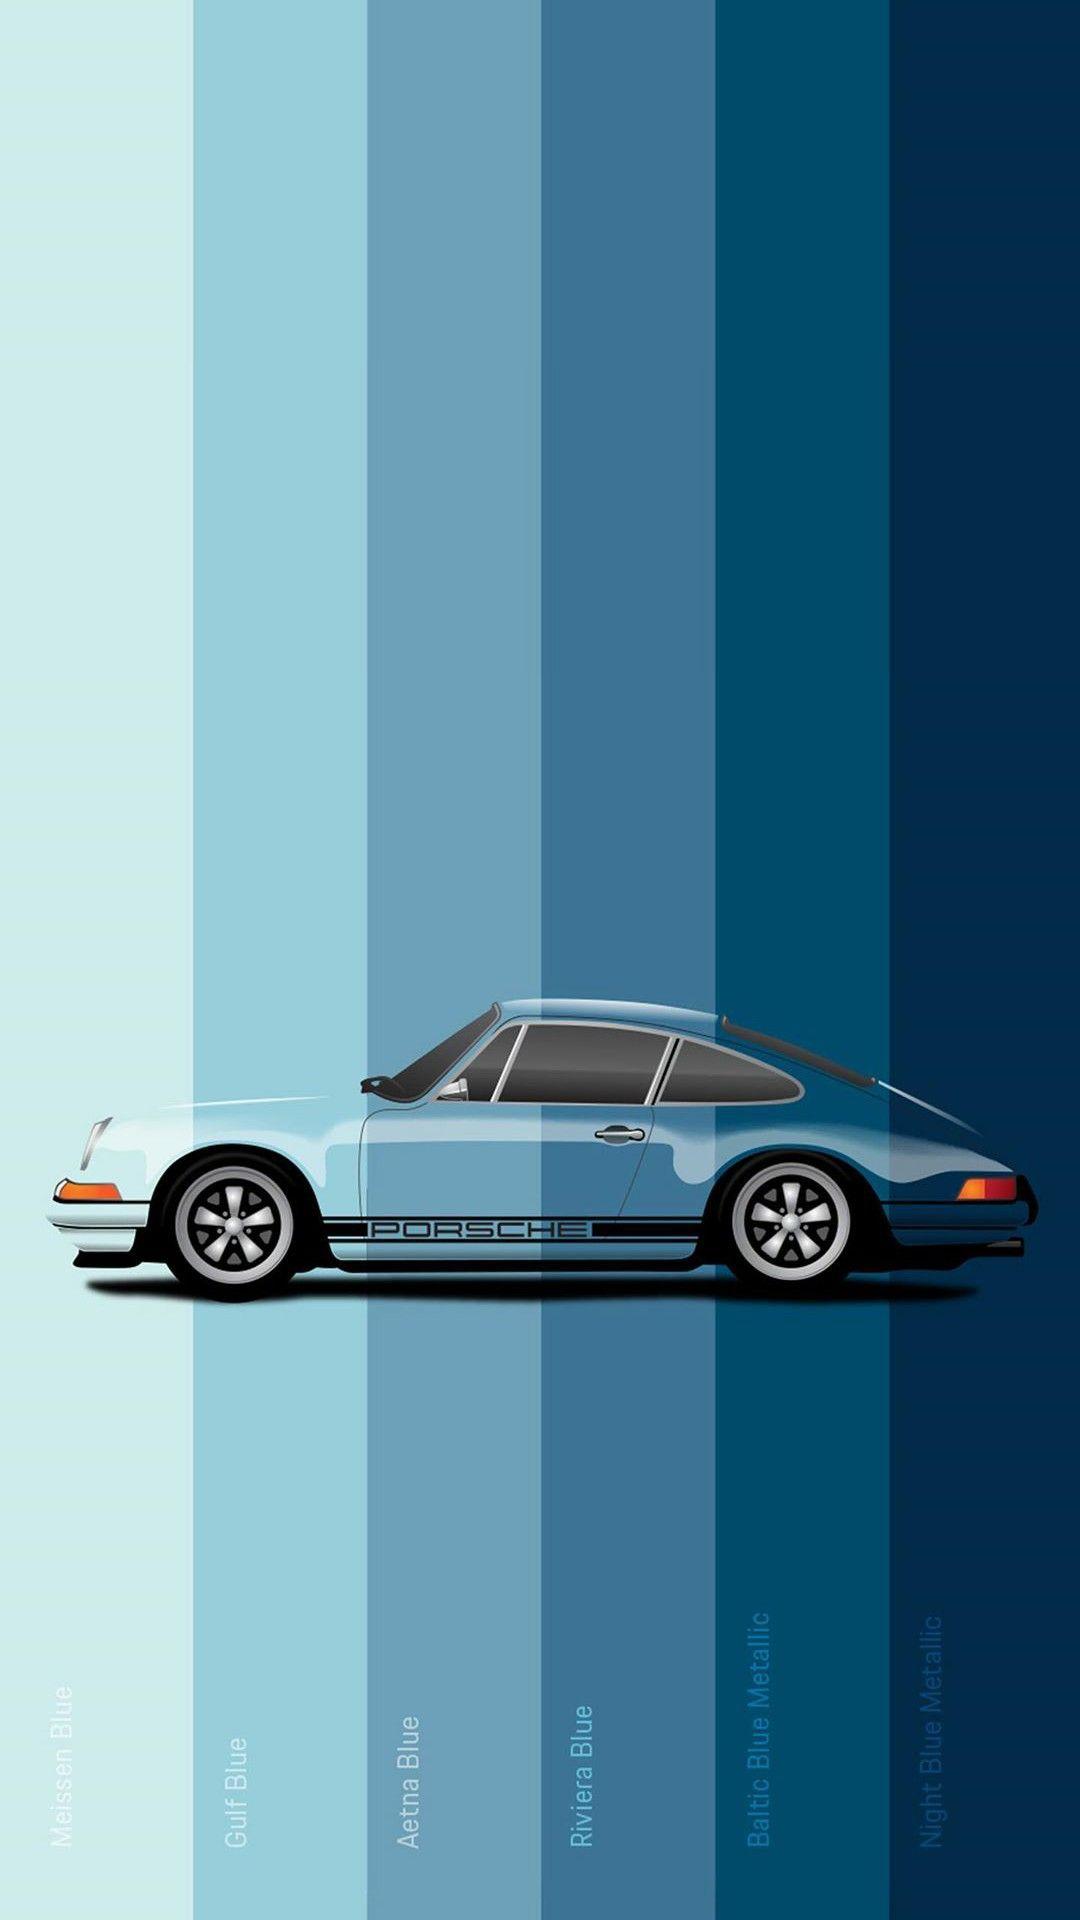 Blue Porsche Wallpaper 1080x1920 Porsche Wallpaper Car Wallpapers Porsche